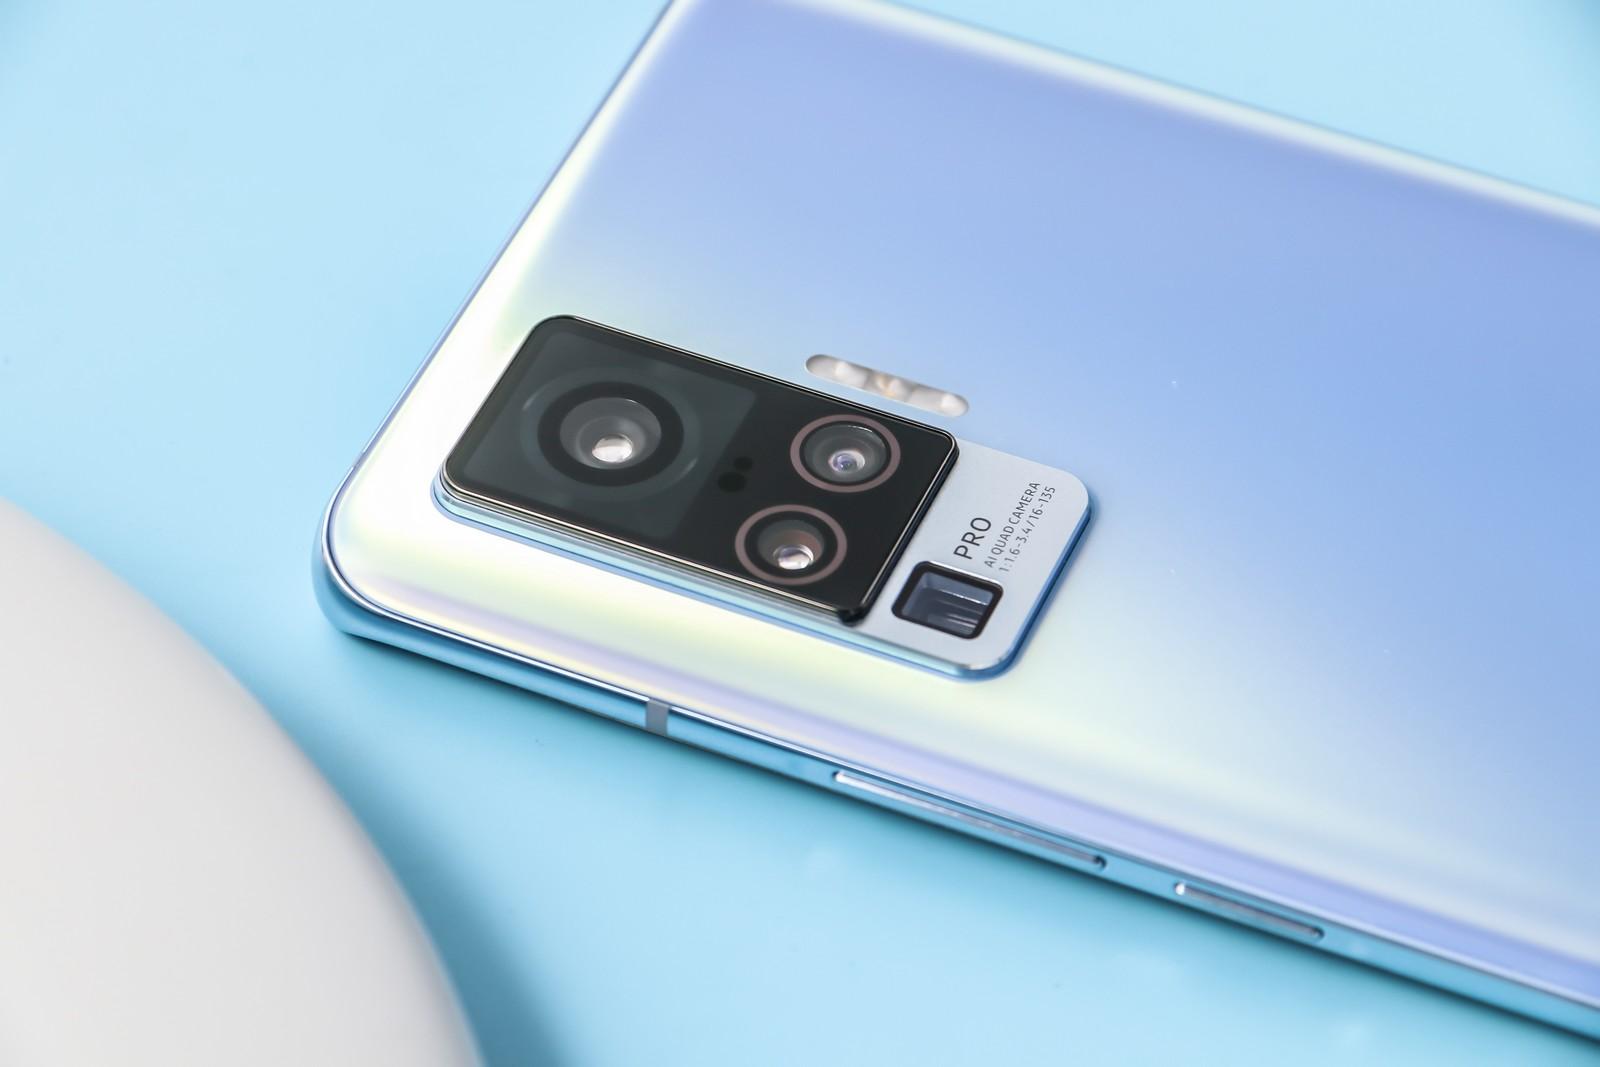 Nuevos Vivo X50, X50 Pro y X50 Pro+: especificaciones y precios 33